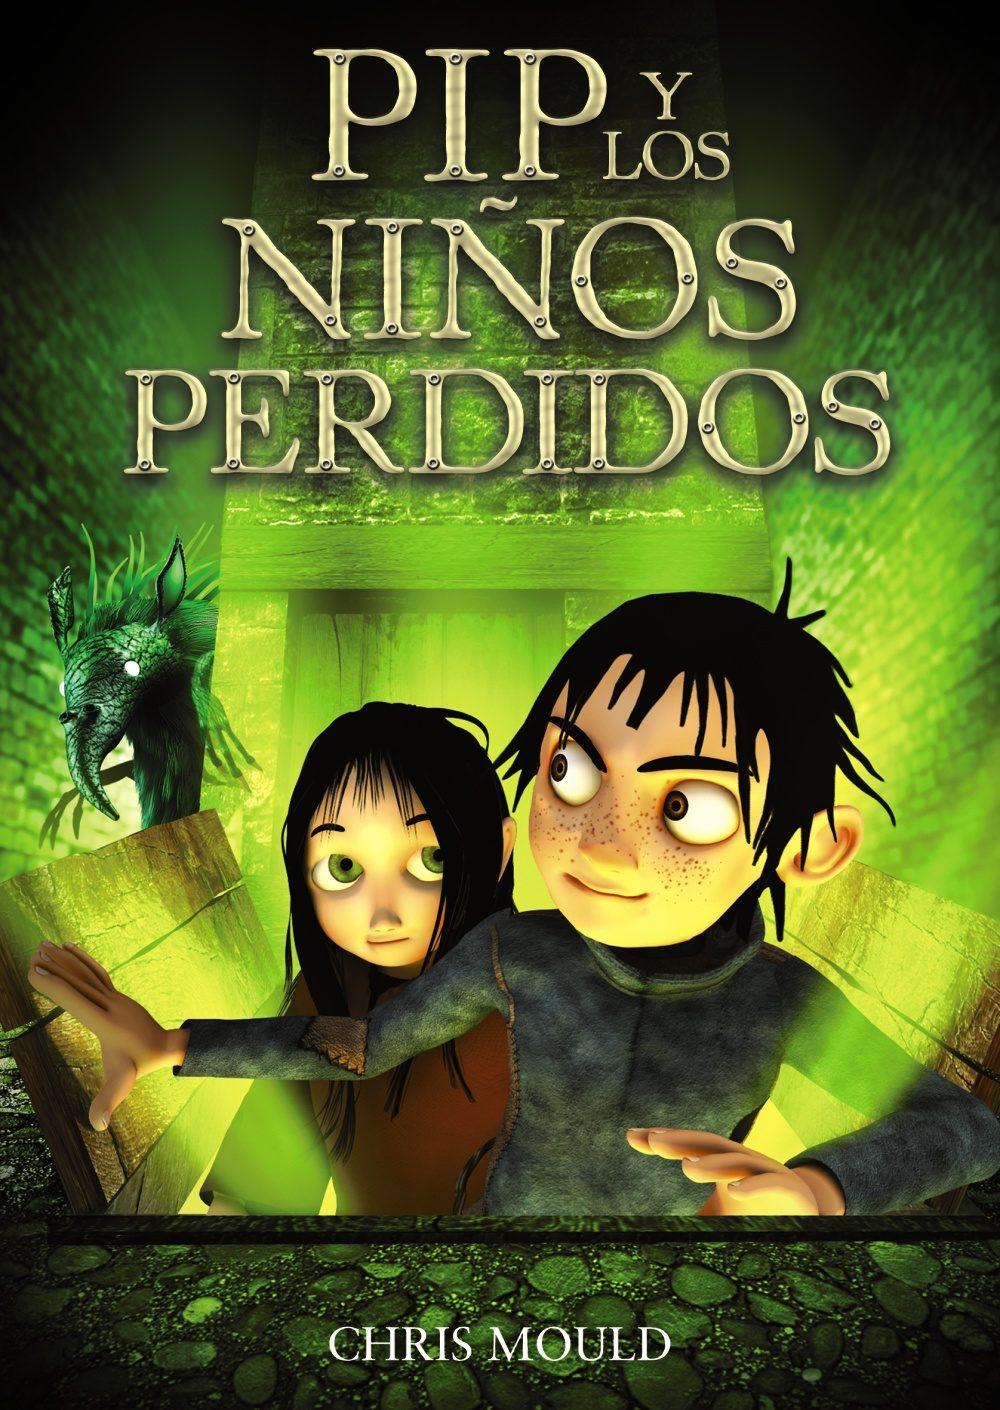 libros online para ninos de 10 a 12 anos gratis